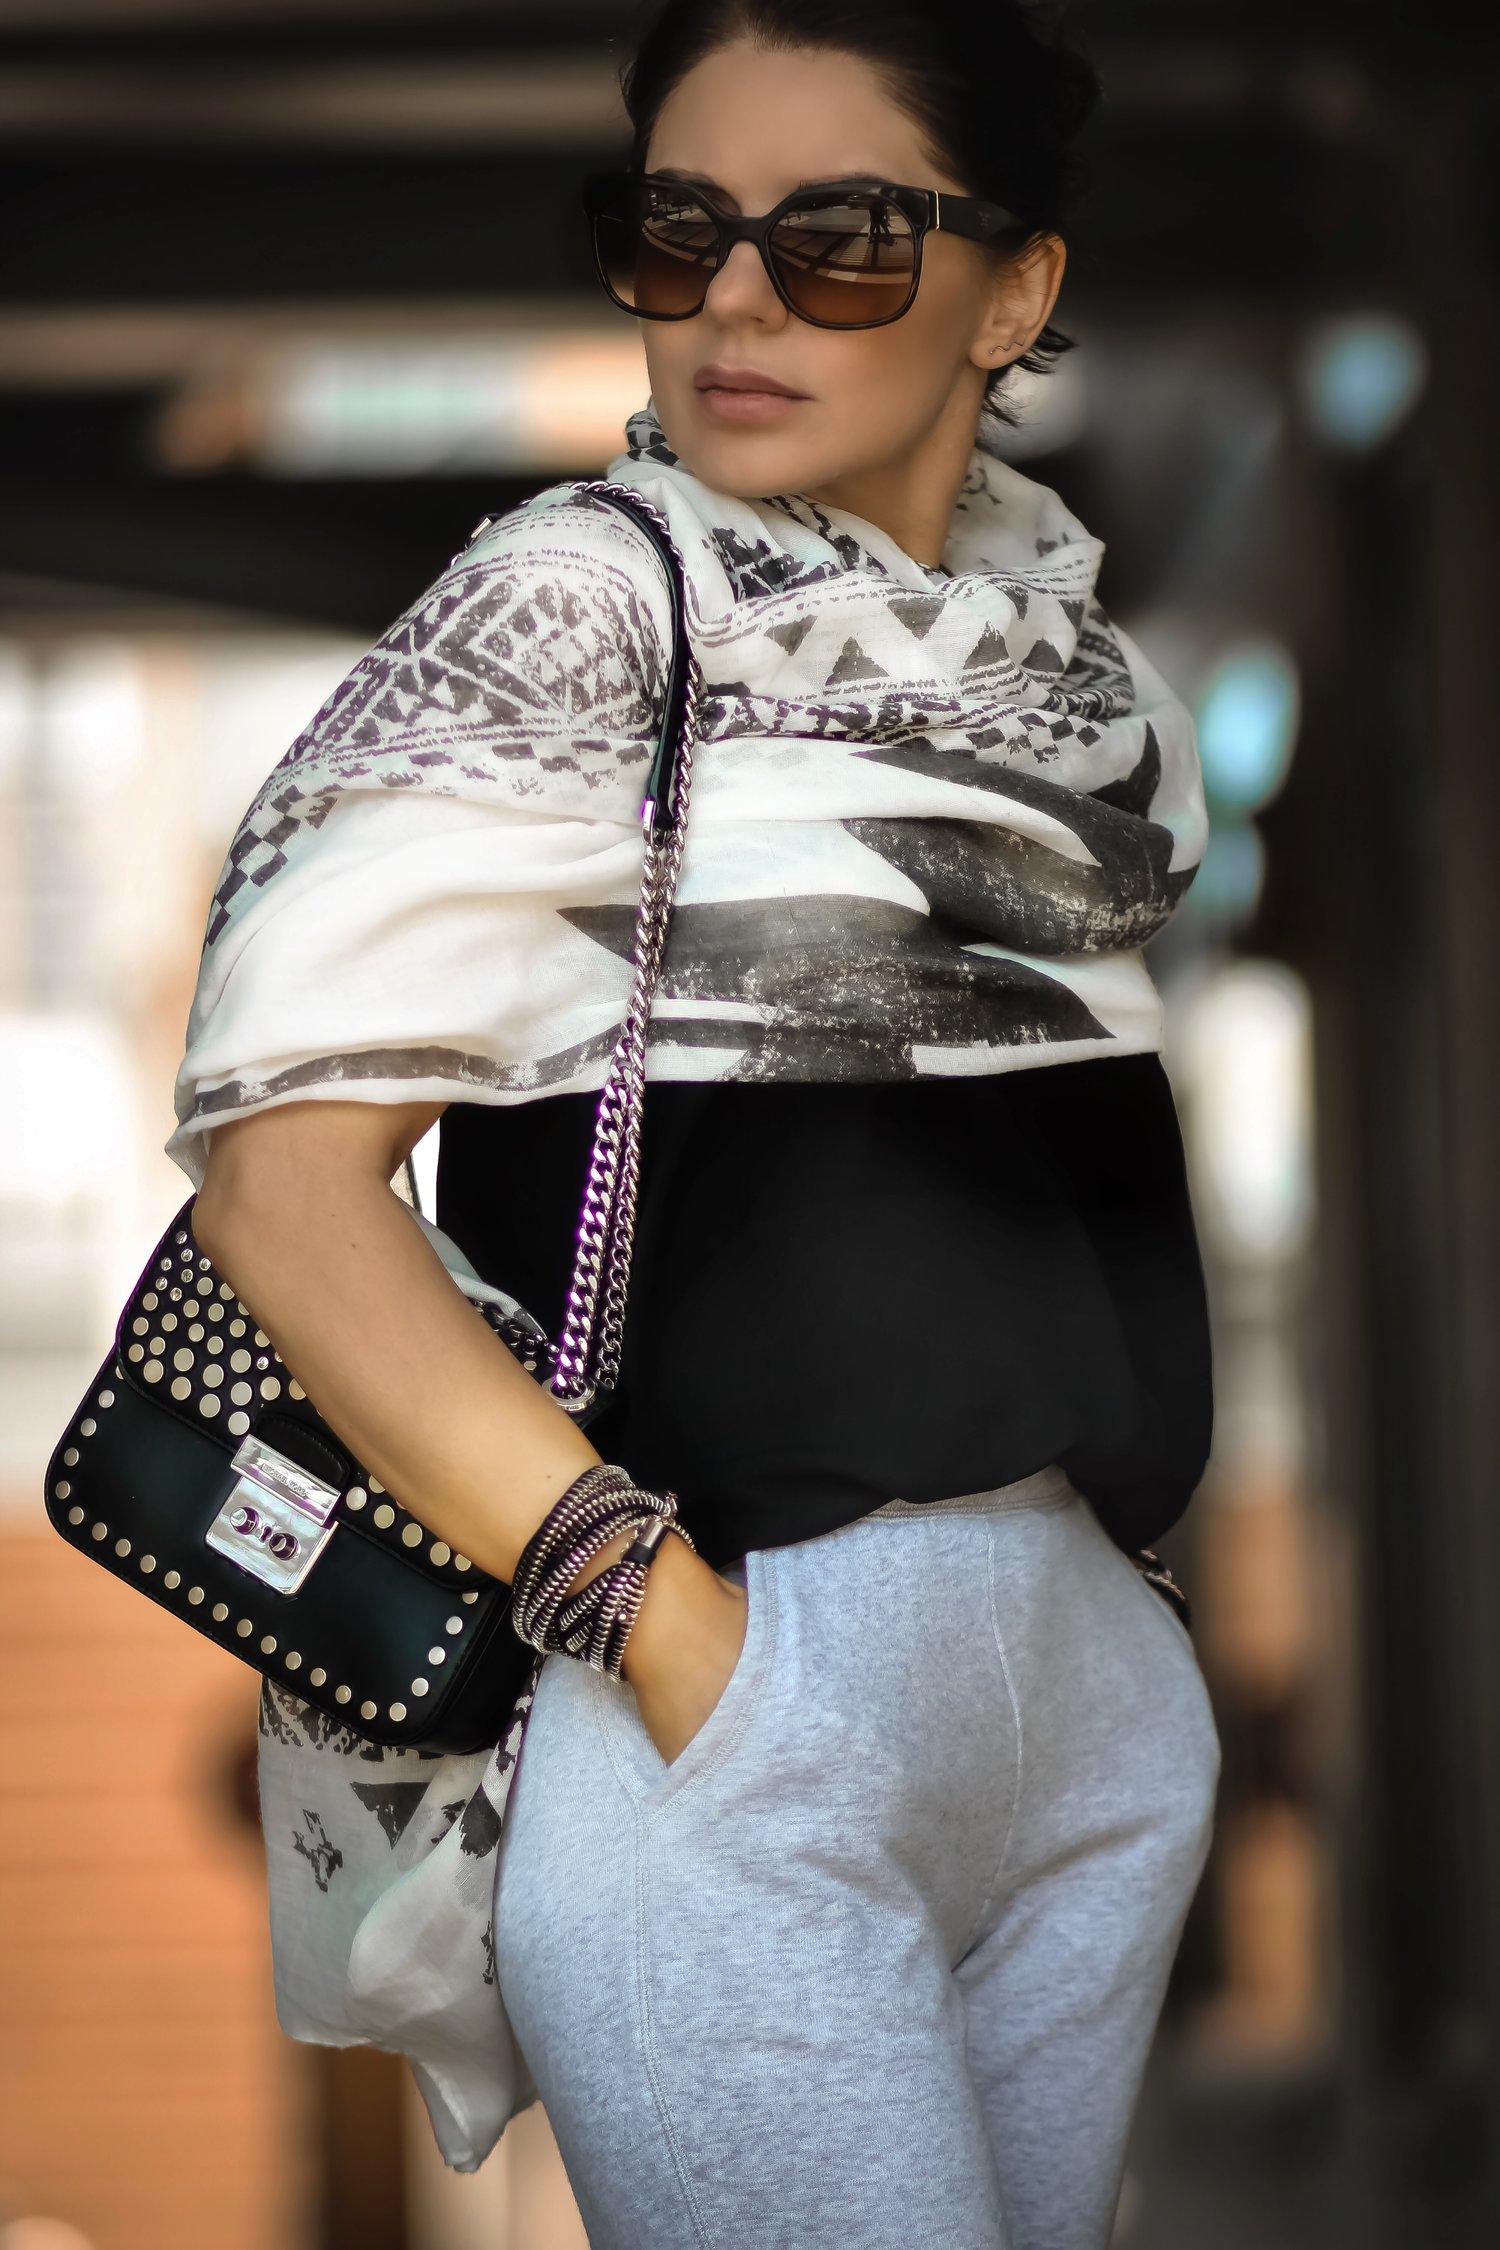 Isabel-Alexander-Michael-Kors-studded-bag-white-scarf